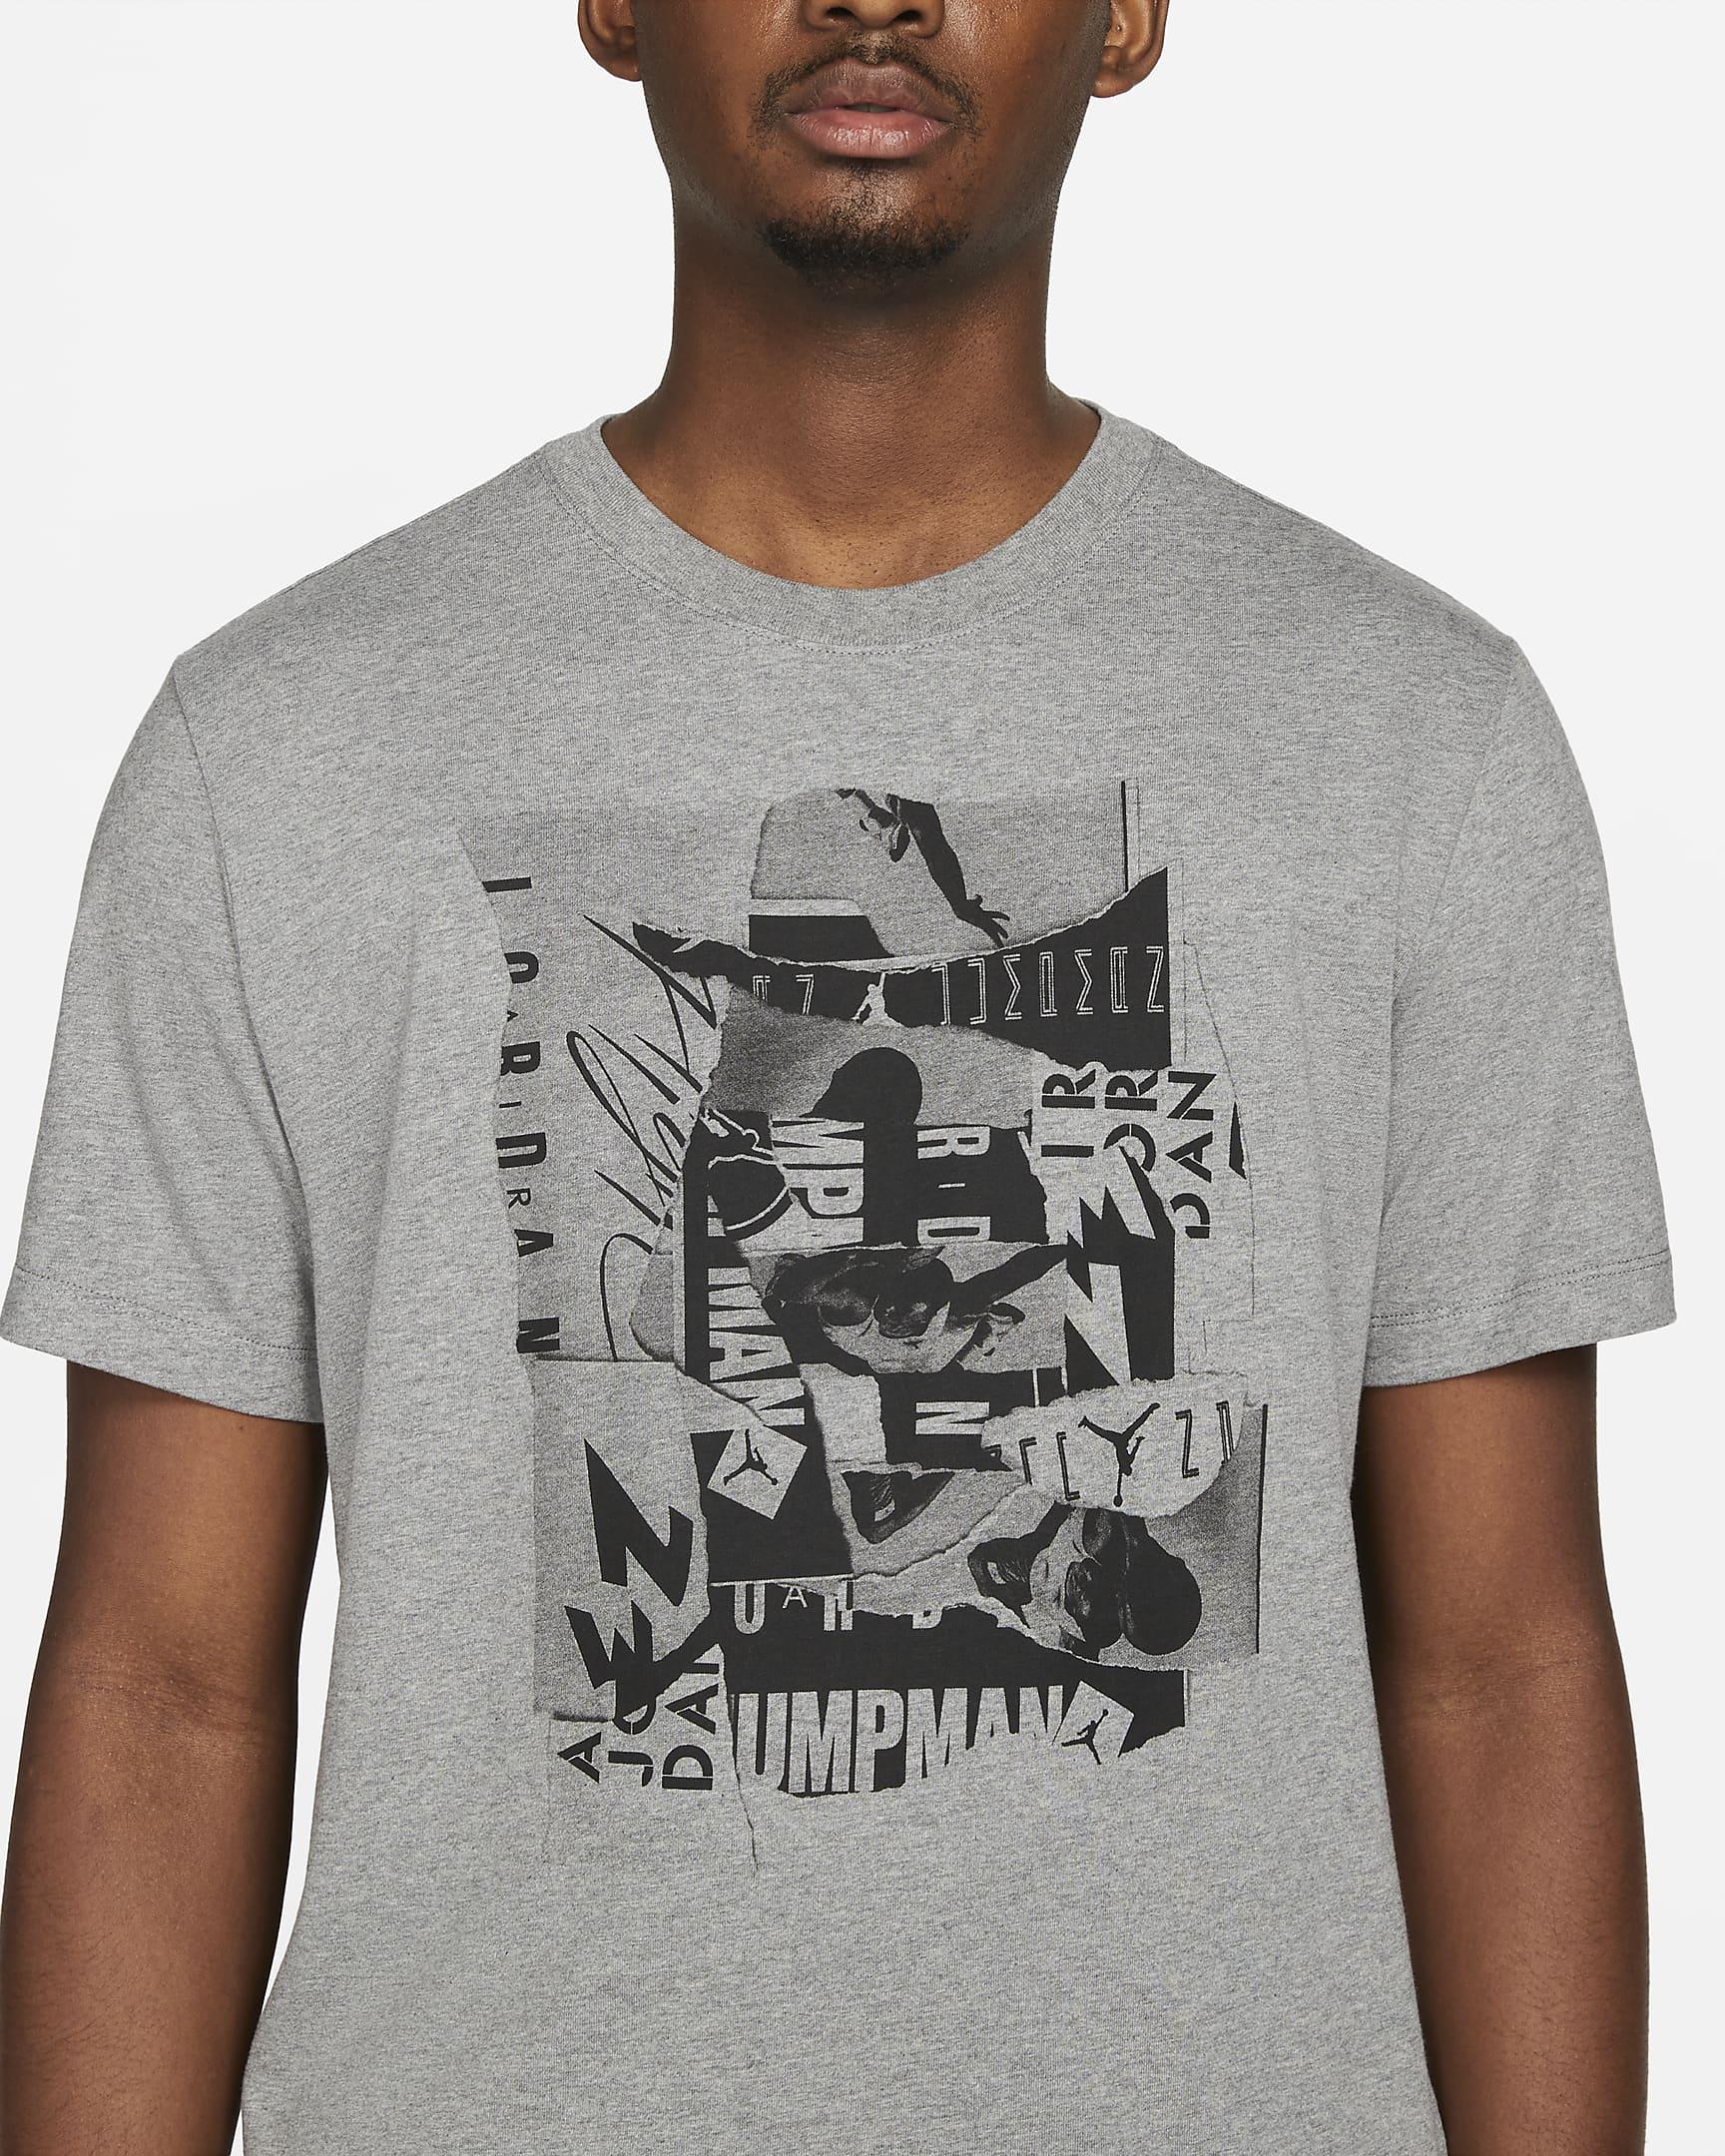 jordan-jumpman-flight-mens-short-sleeve-t-shirt-nCcgH7.png